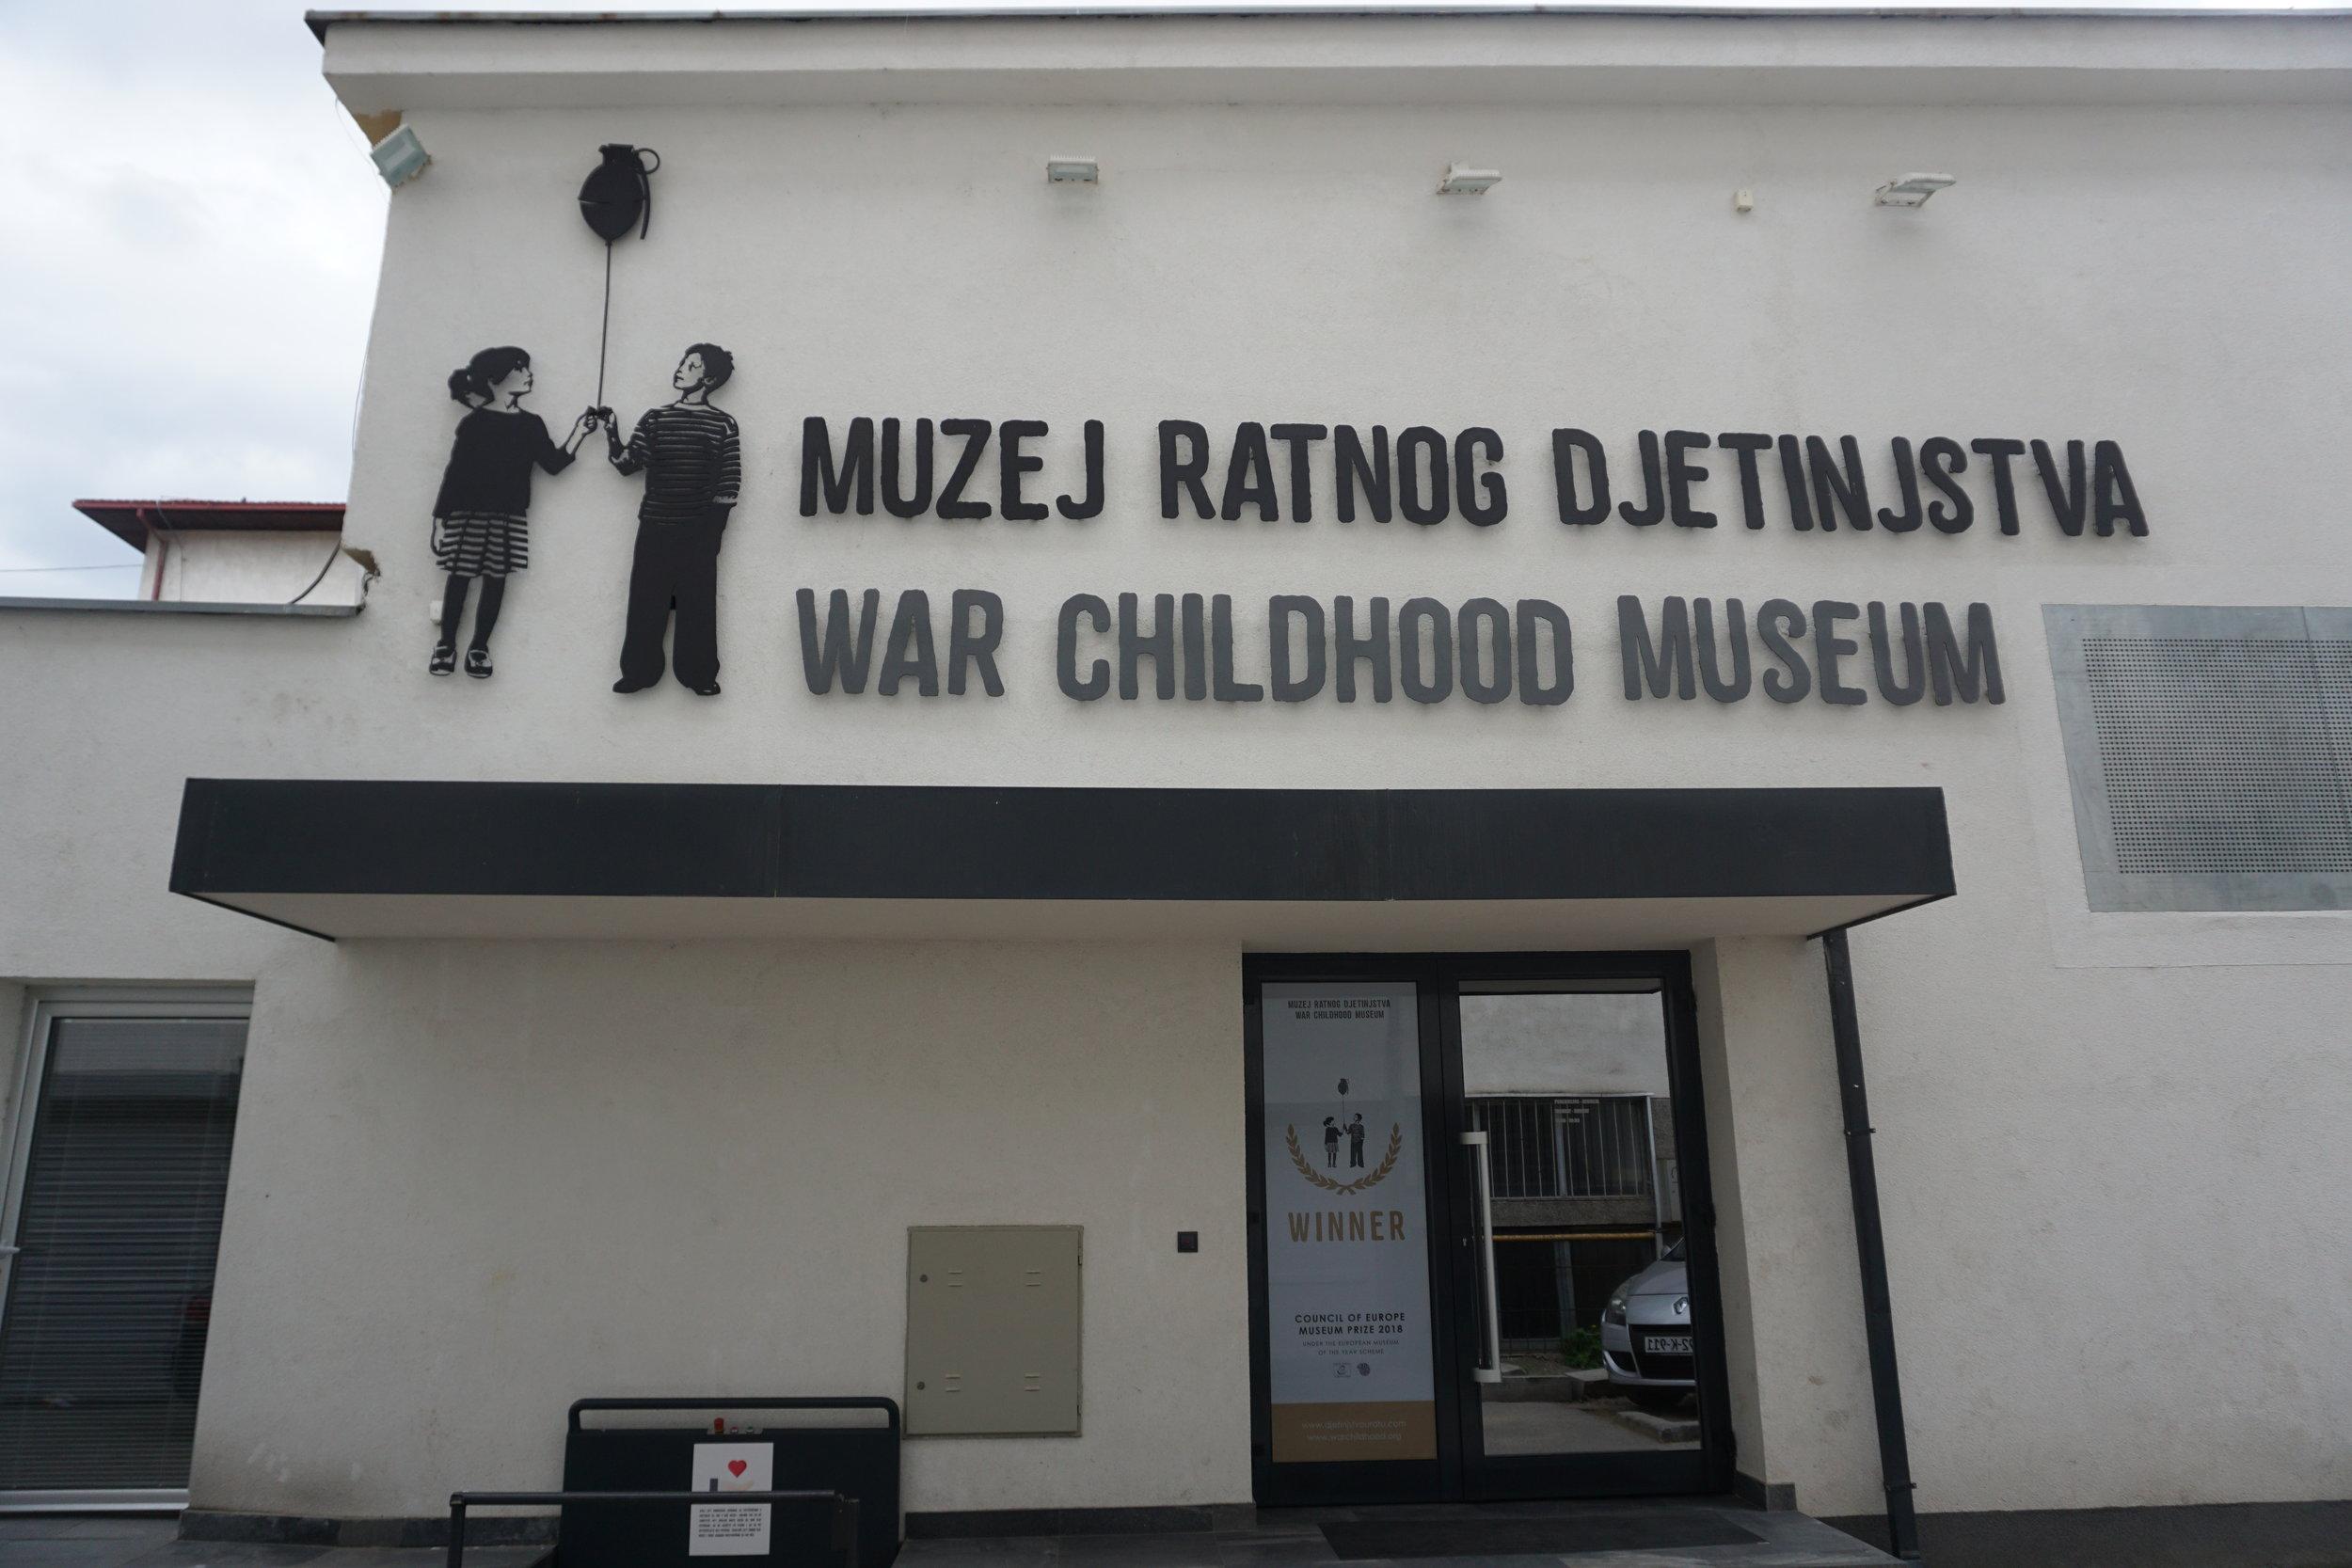 Vuoden 2018 eurooppalaiseksi museoksi valittu War Childhood Museum sijaitsee osoitteessa Logavino 32, Sarajevo.